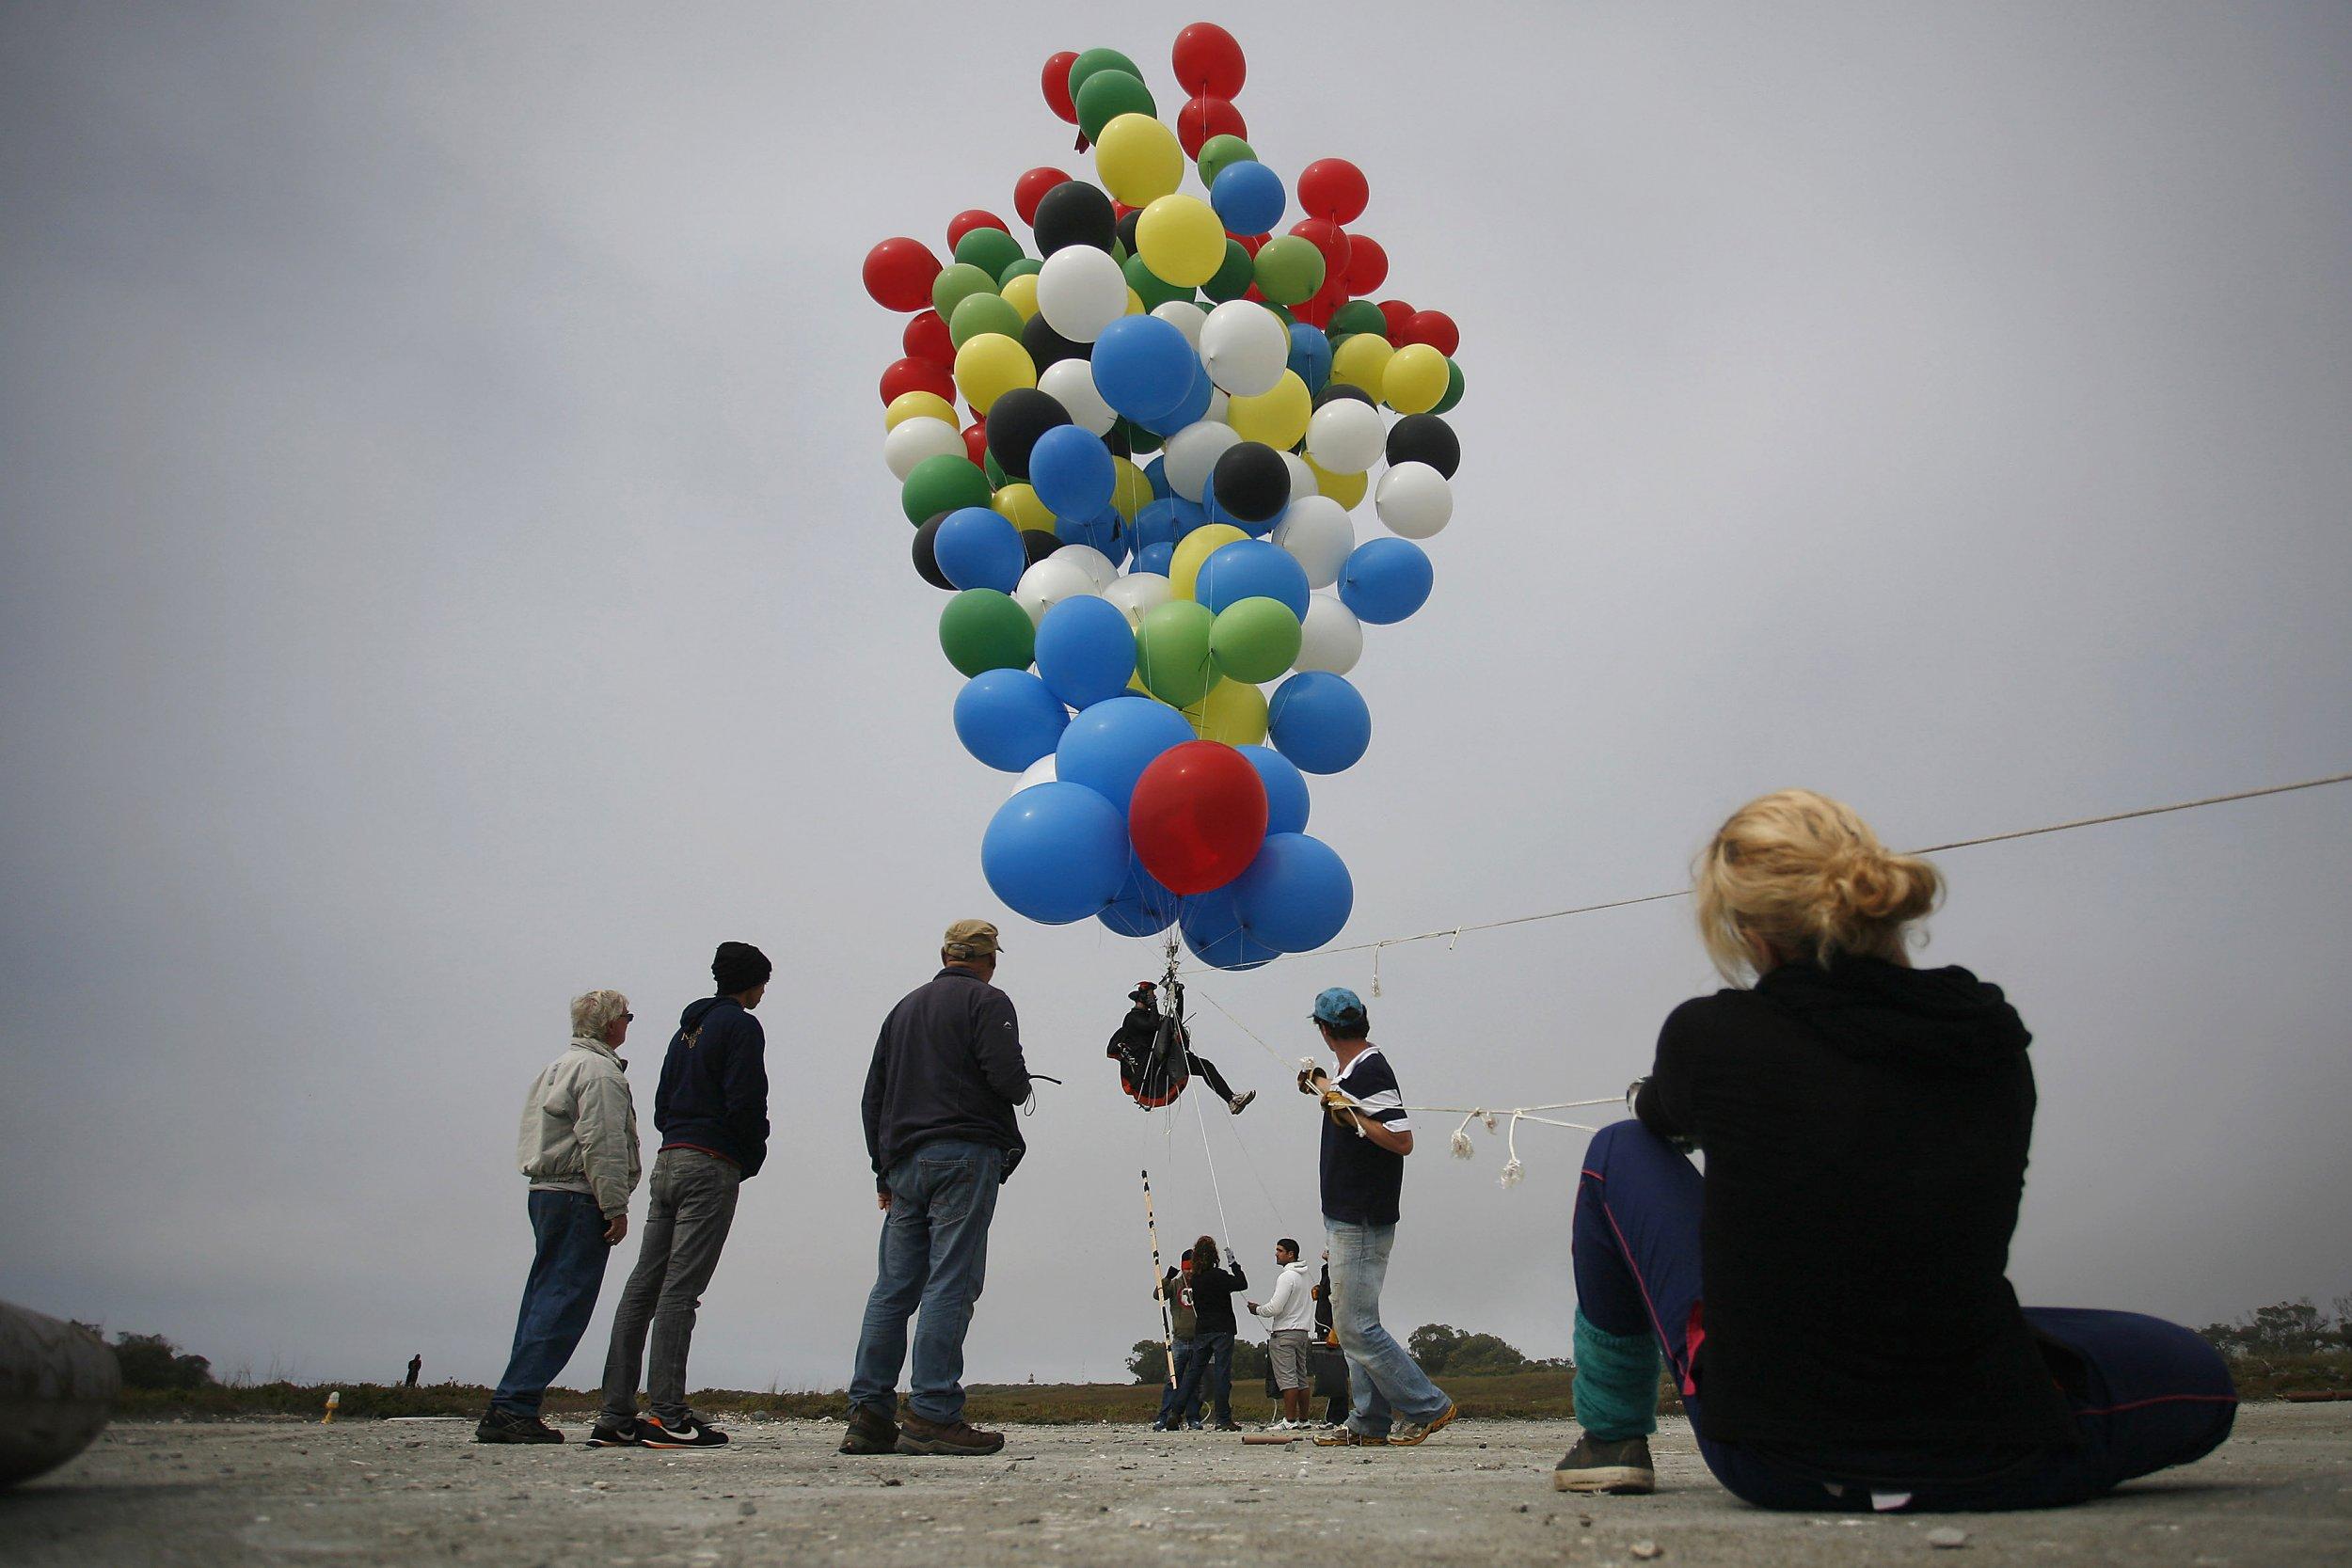 Helium find